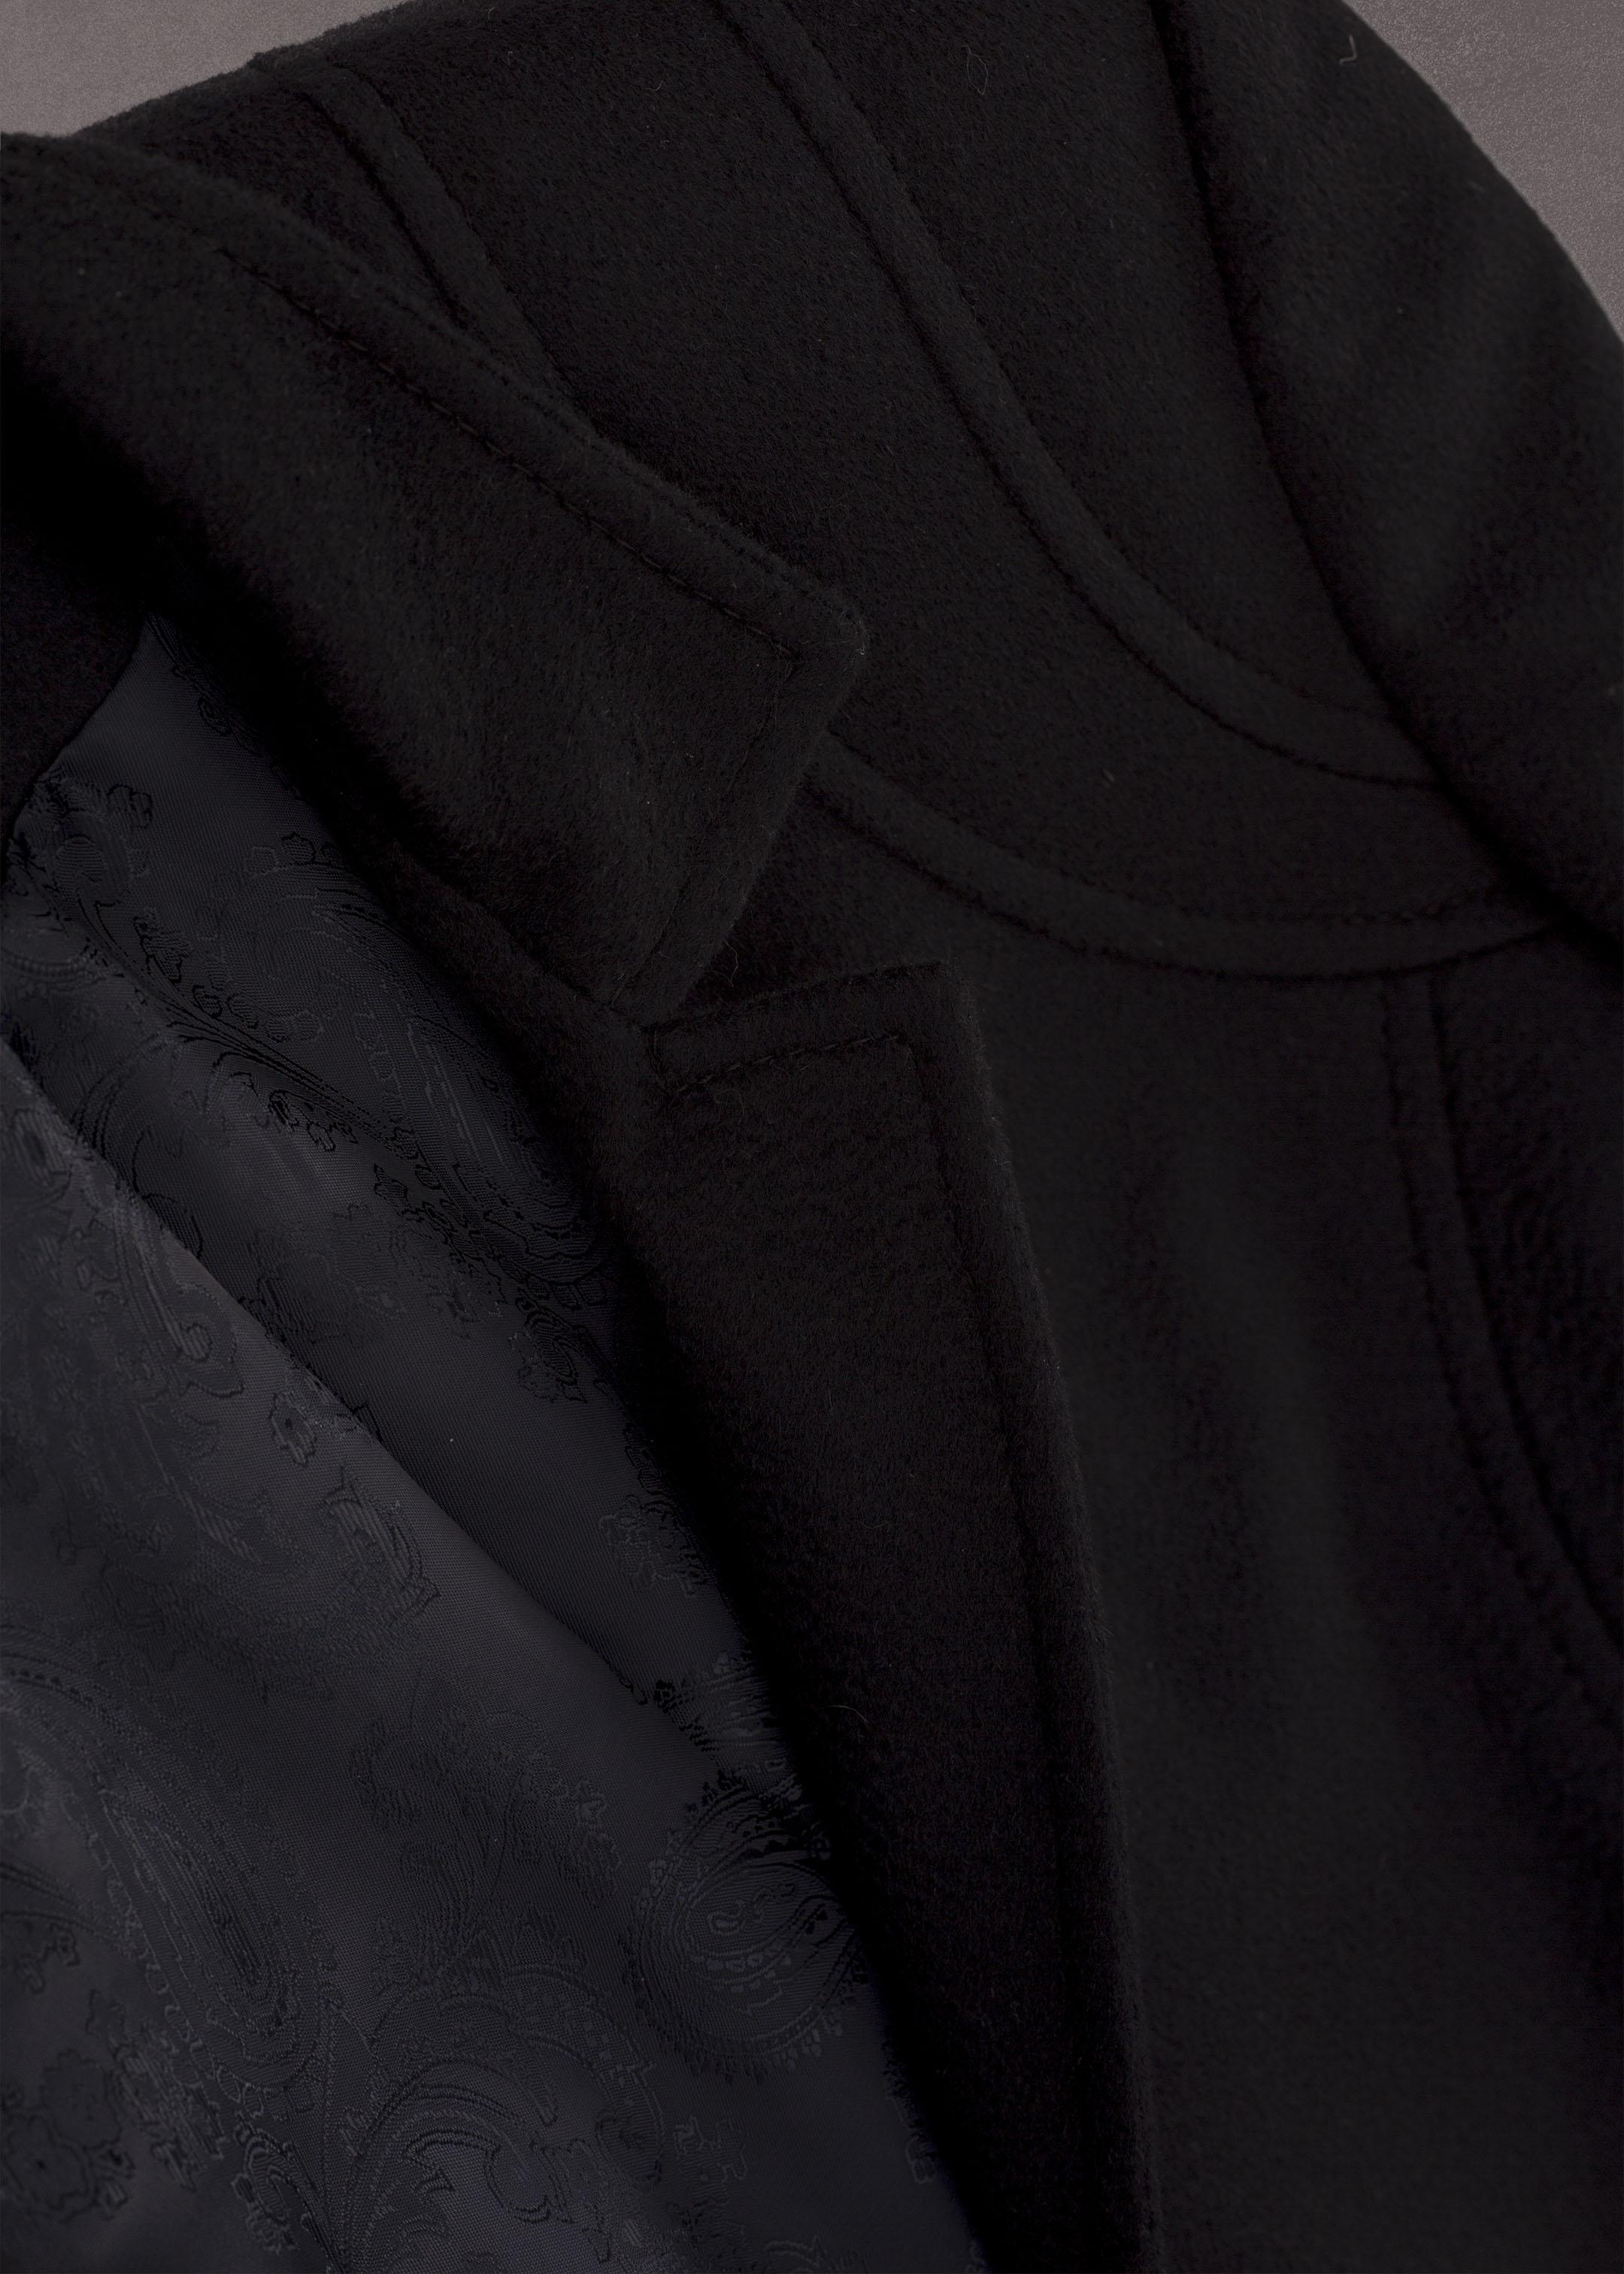 Meldes De Luxe – Manteau 100% cachemire cintré col tailleur - Bleu nuit – Réf: 375-2-02